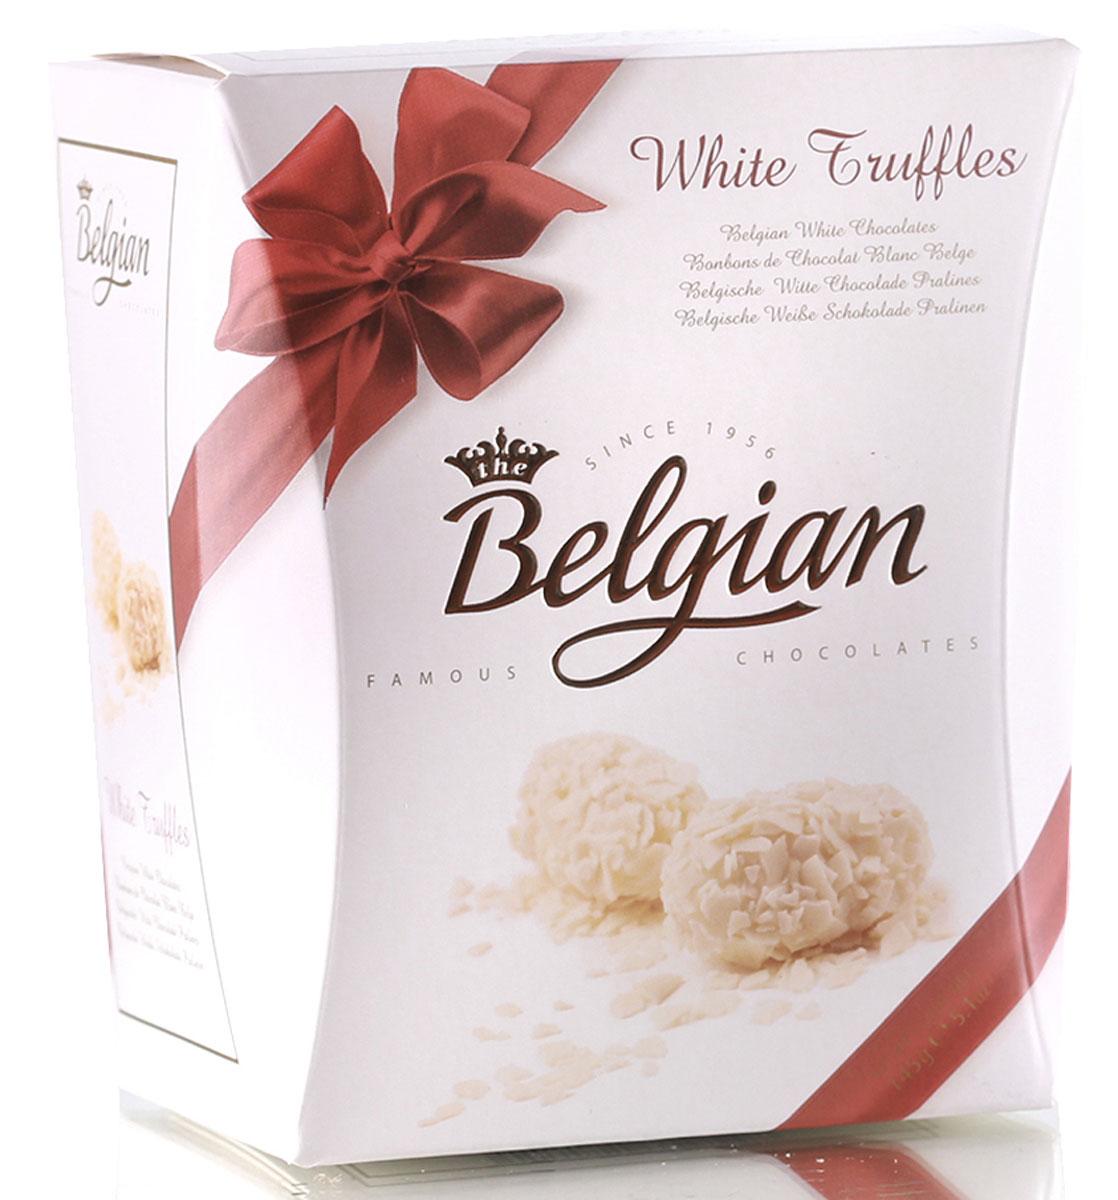 The Belgian Трюфели из белого шоколада в хлопьях, 145 г0120710Сладкий, нежный и мягкий белый шоколад, наполненный чудесными сливочно-карамельными тонами, приятно контрастирует с хрустящими хлопьями. Трюфели замечательно гармонируют с чаем, кофе и капучино. Их можно подать к молоку или какао.